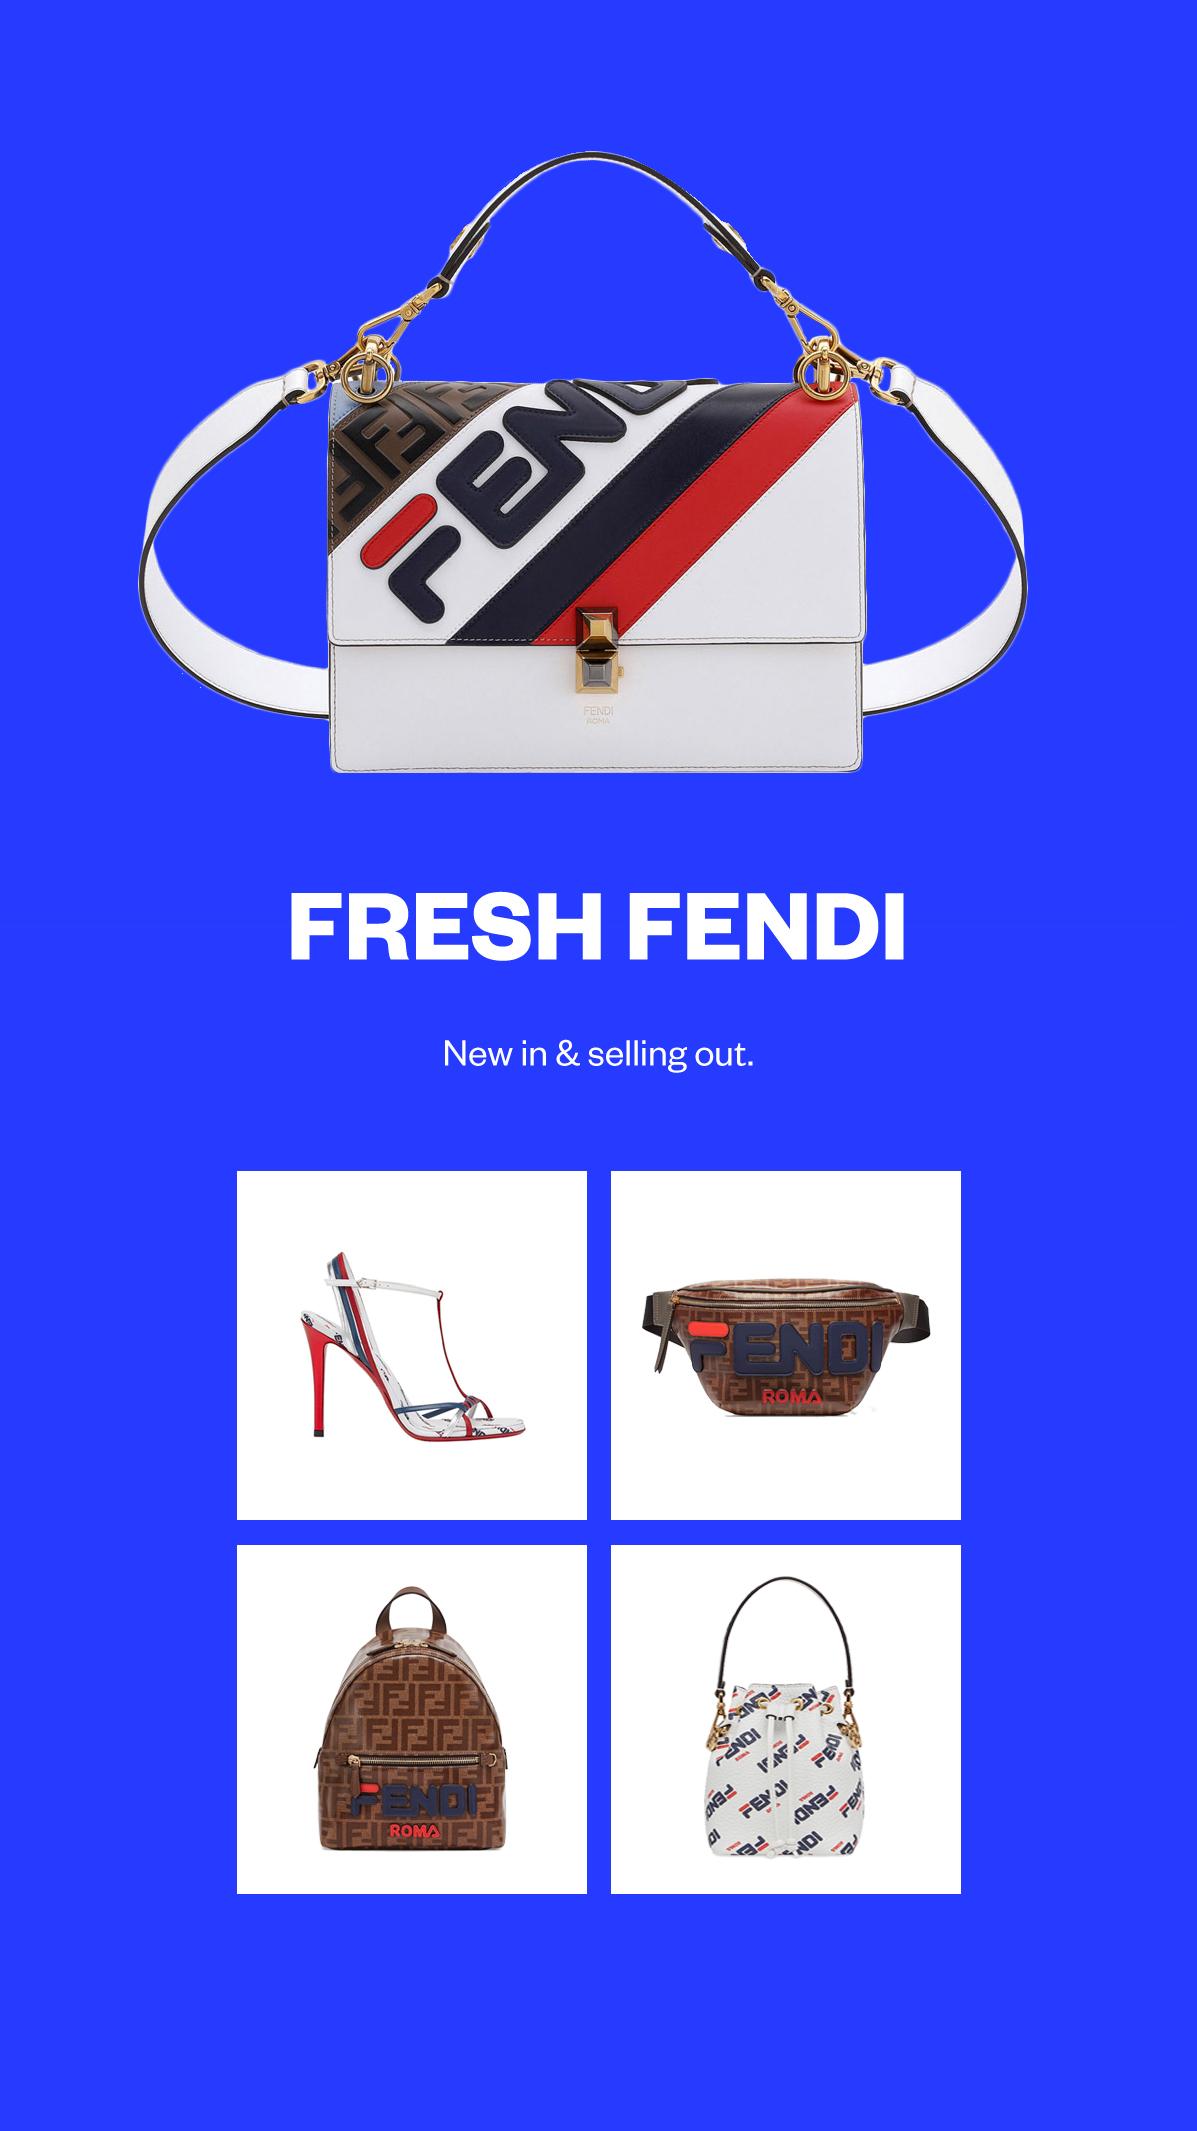 FreshFendi_C.jpg